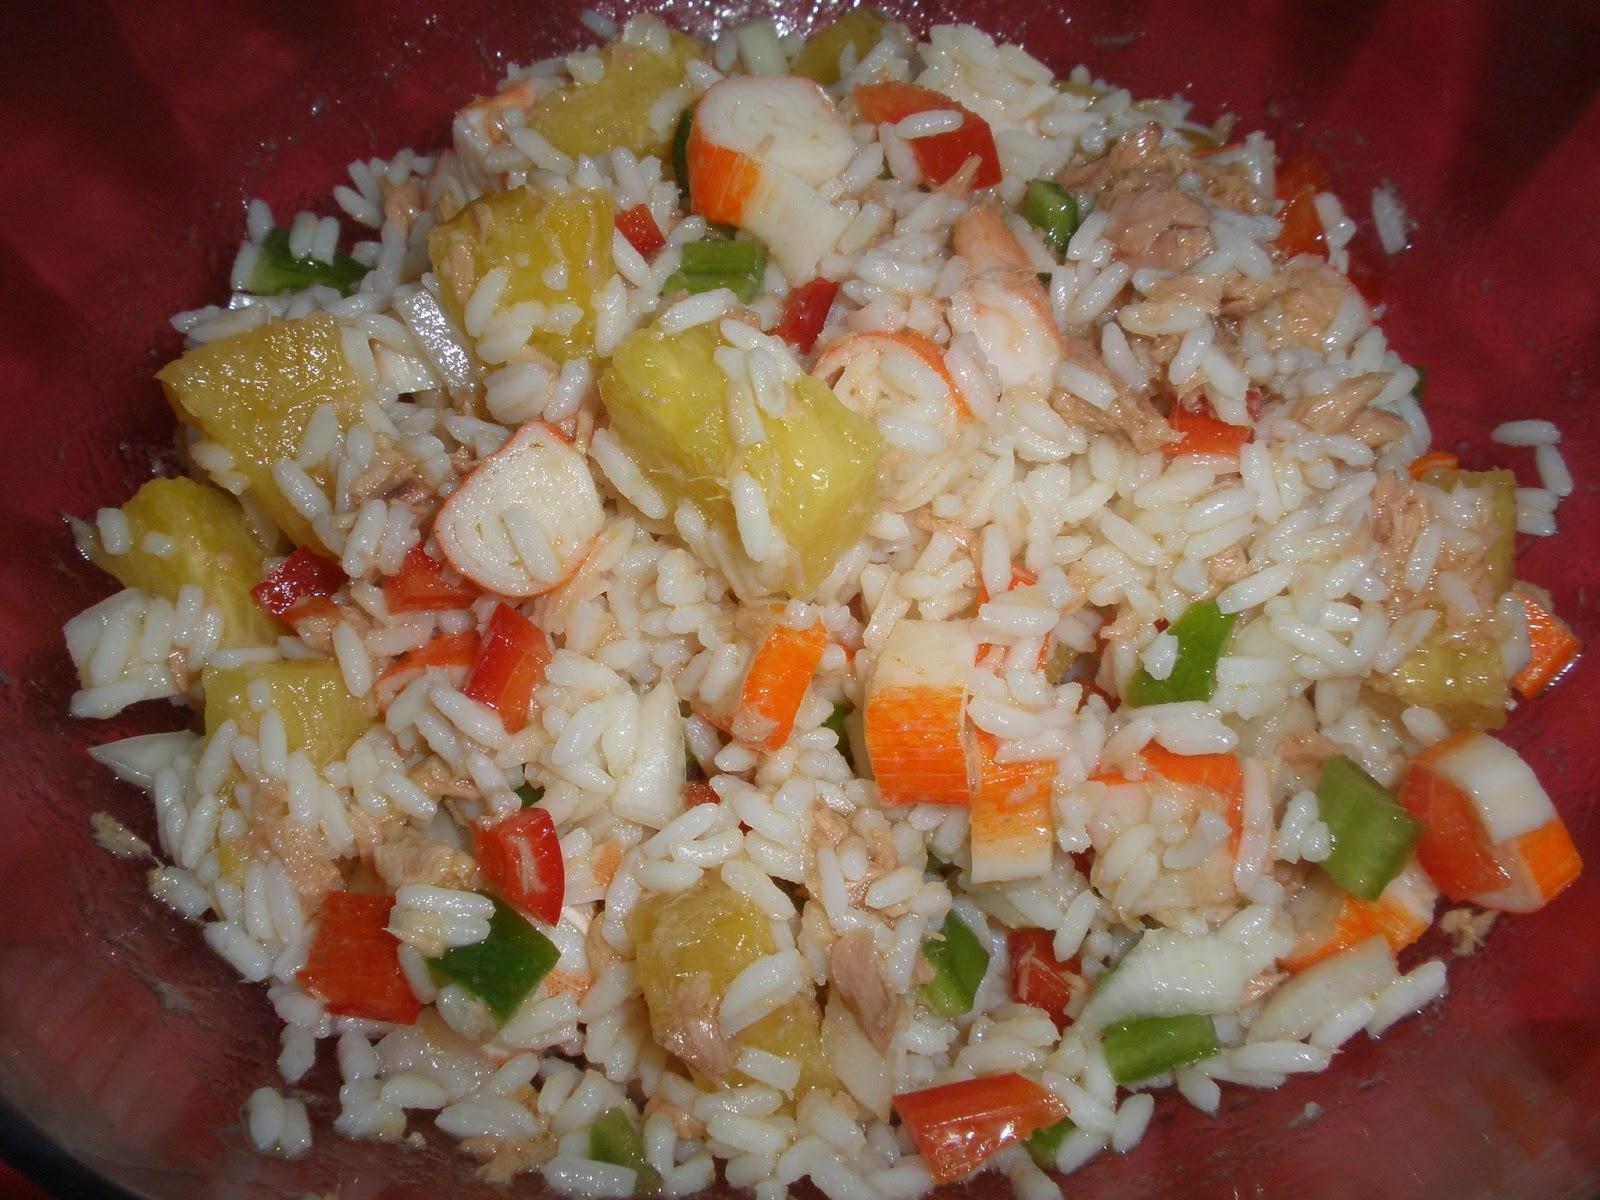 Ensaladas de arroz con at n nutritivas para el entrenamiento - Ensalada de arroz con atun ...